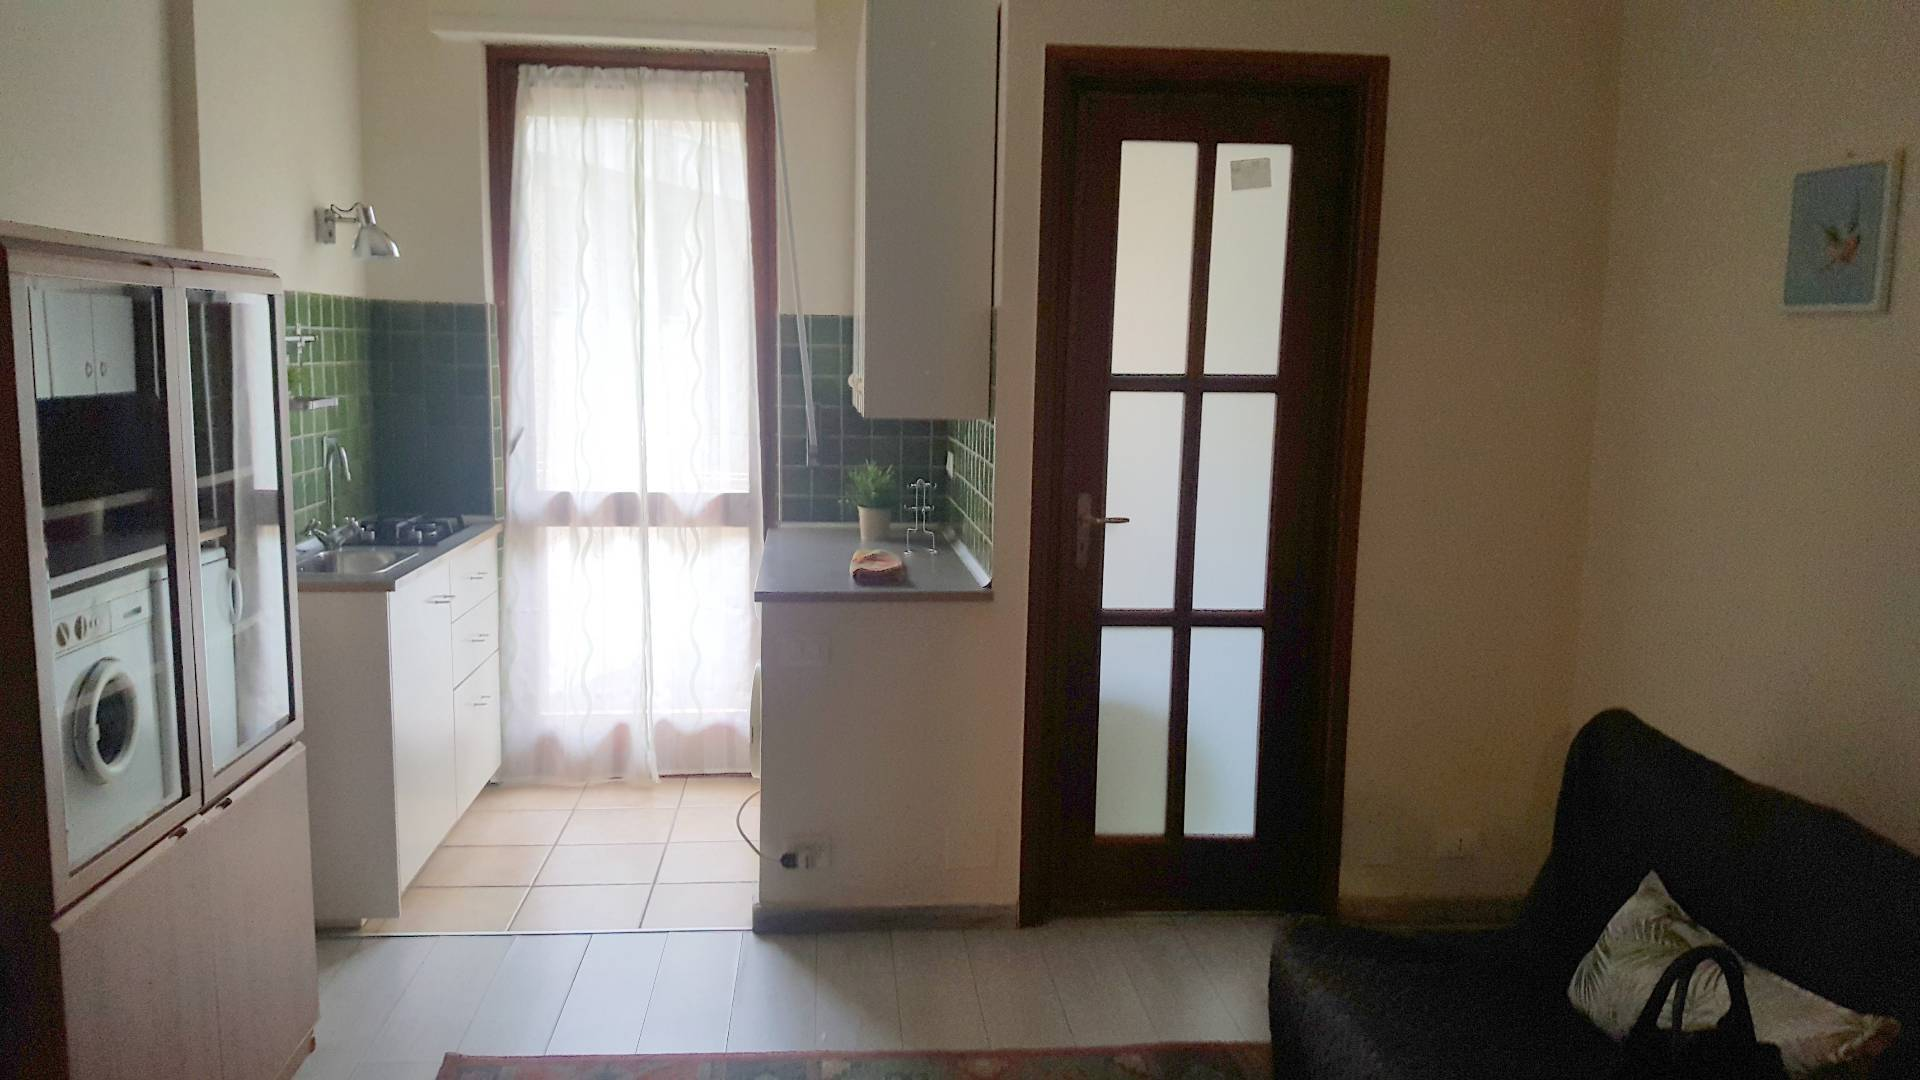 Appartamento in Affitto a Torino: 1 locali, 30 mq